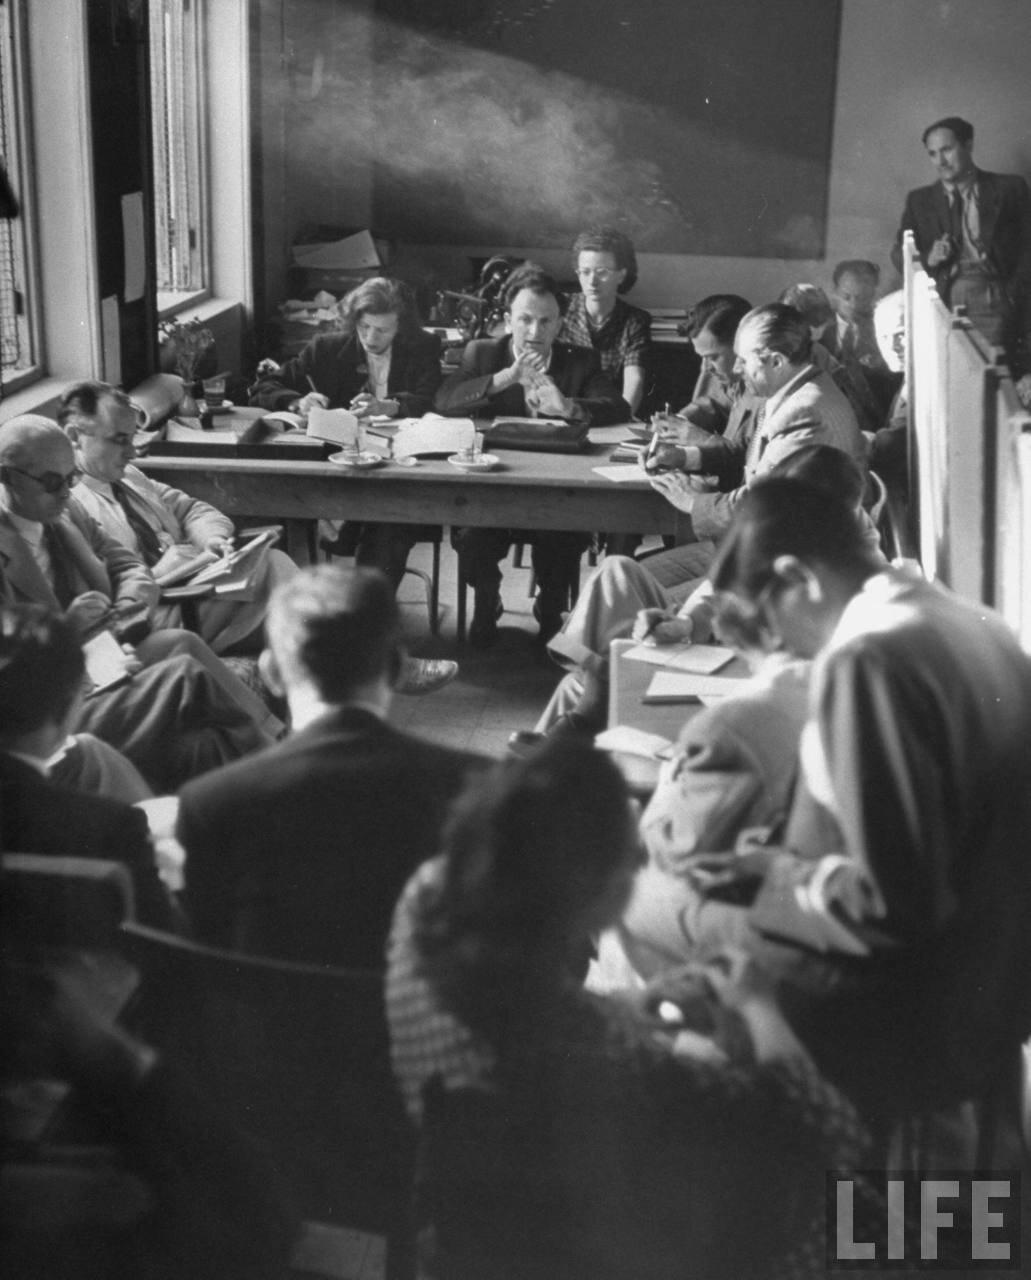 1948. Пресс-конференция министра иностранных дел Моше Шарета (в центре)